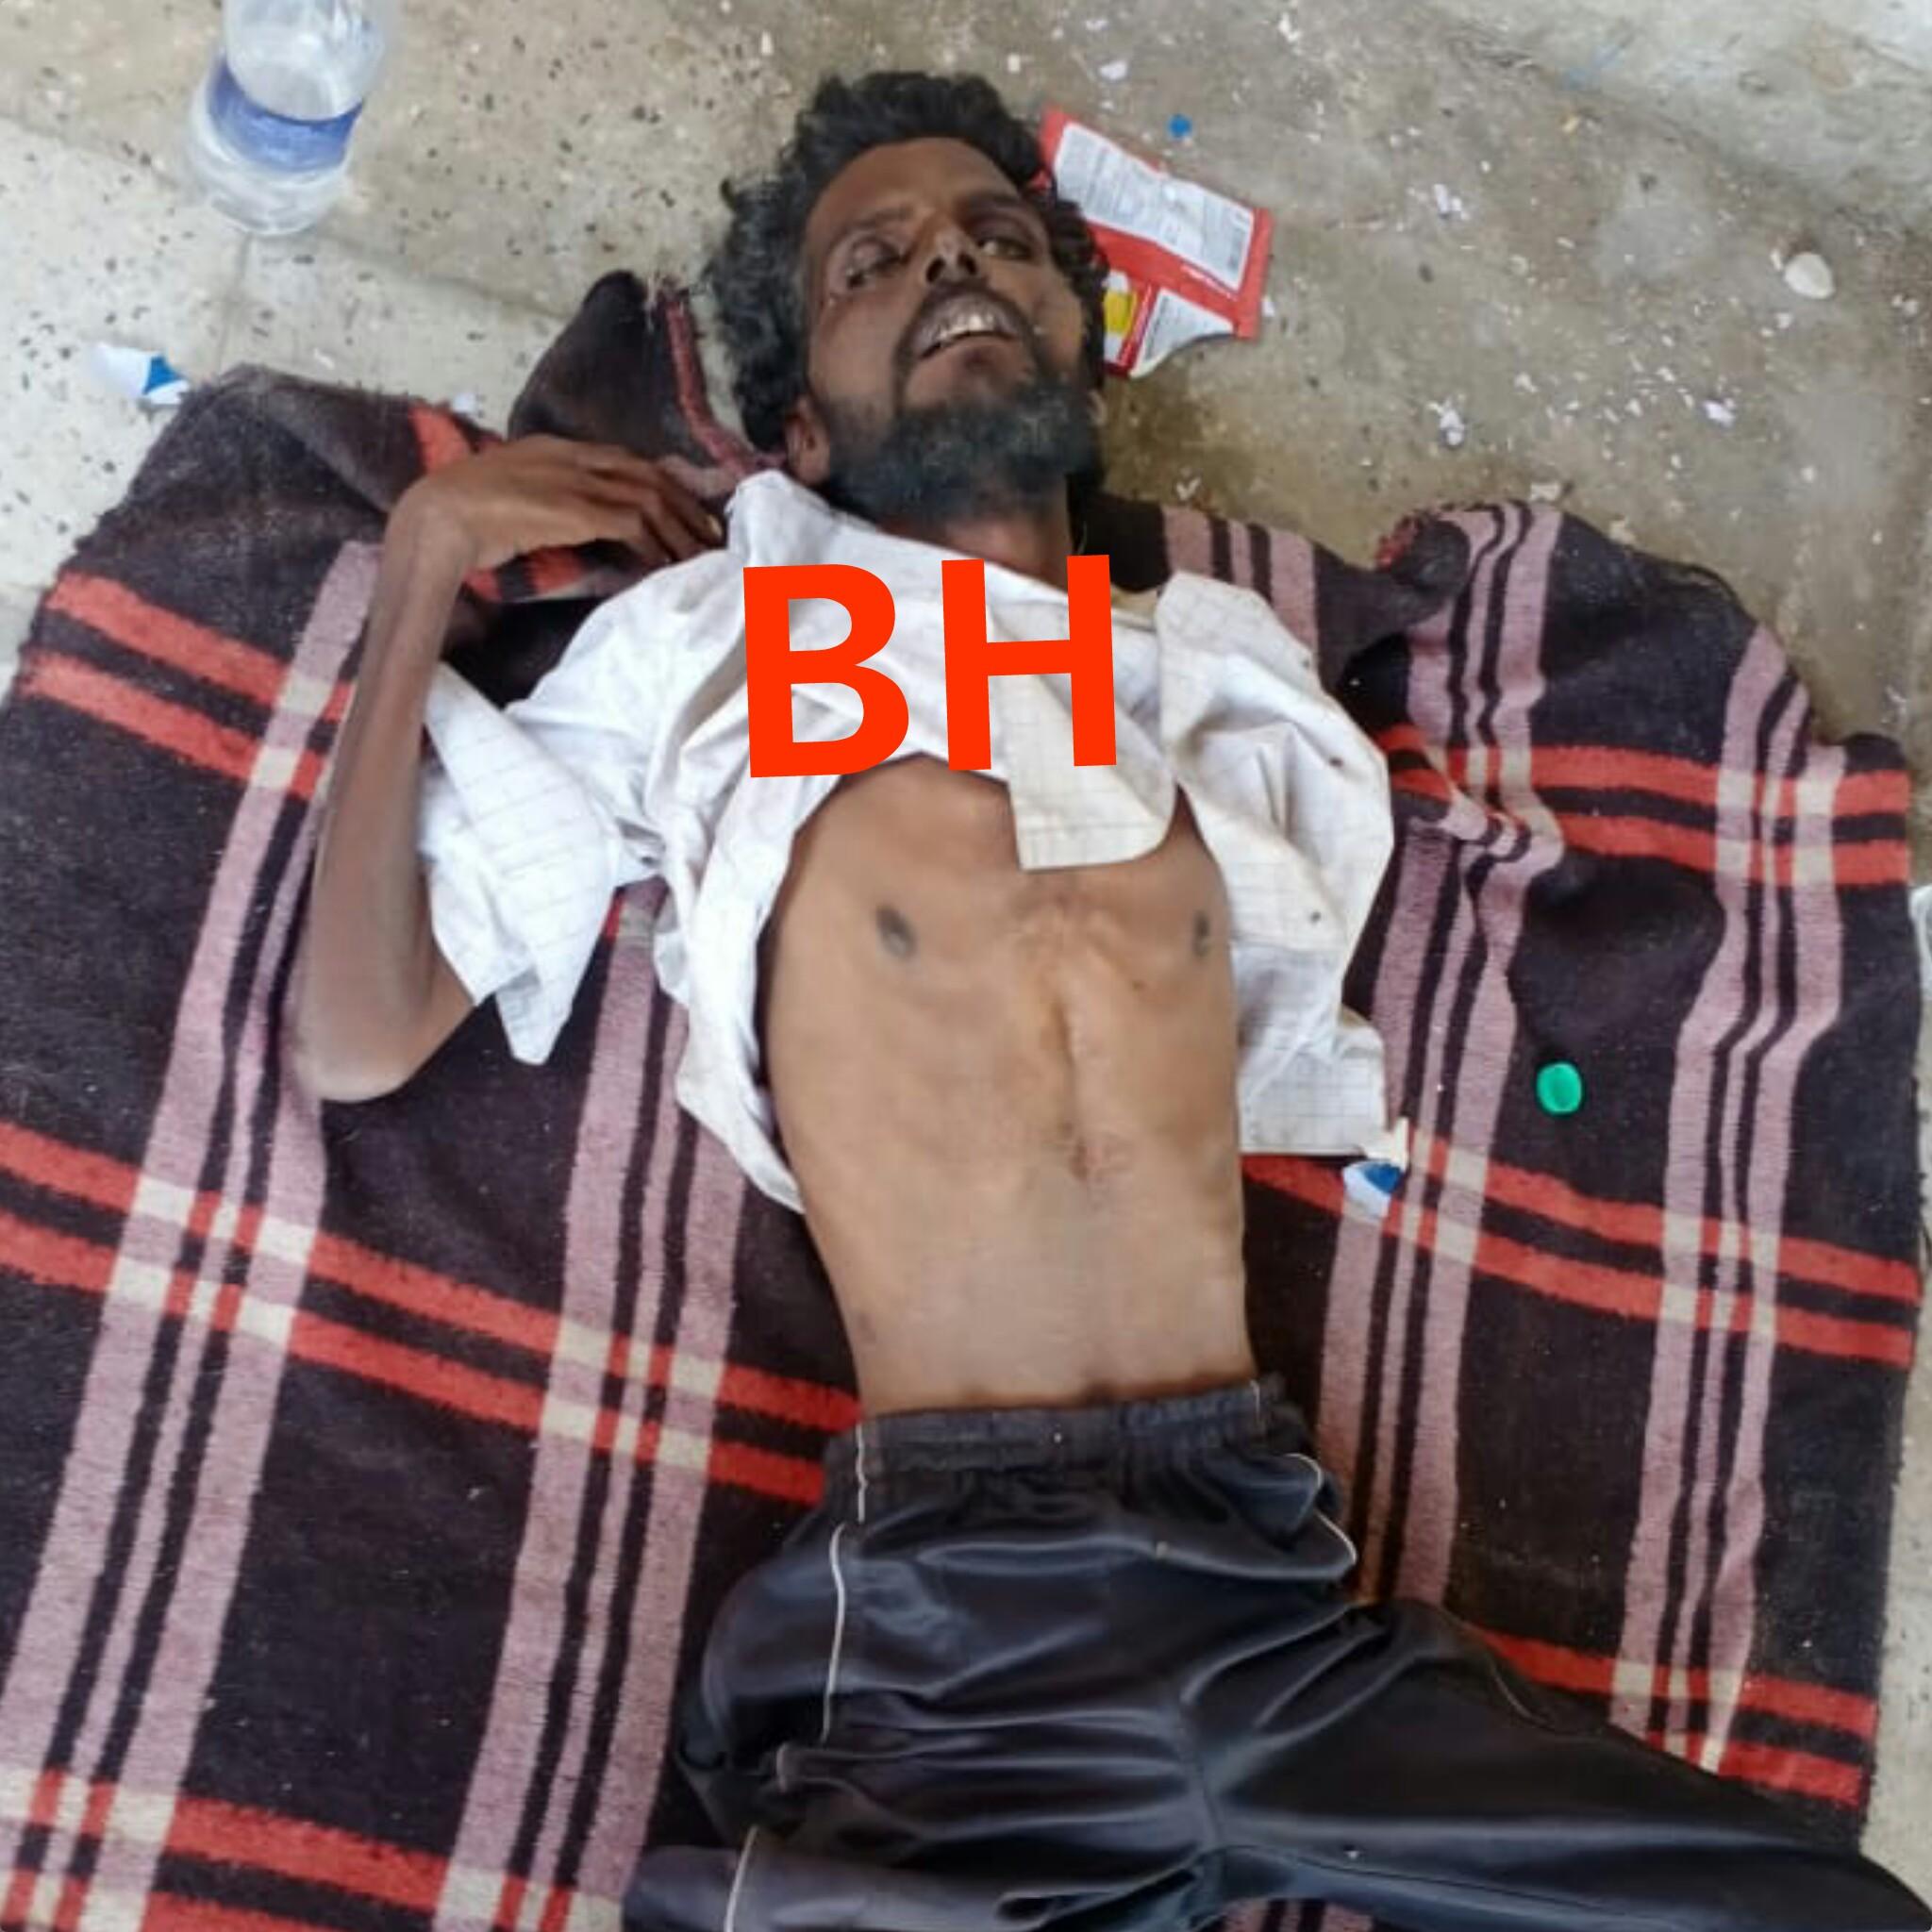 करंट से झुलसे युवक ने तोड़ा दम, अज्ञात की मिली लाश